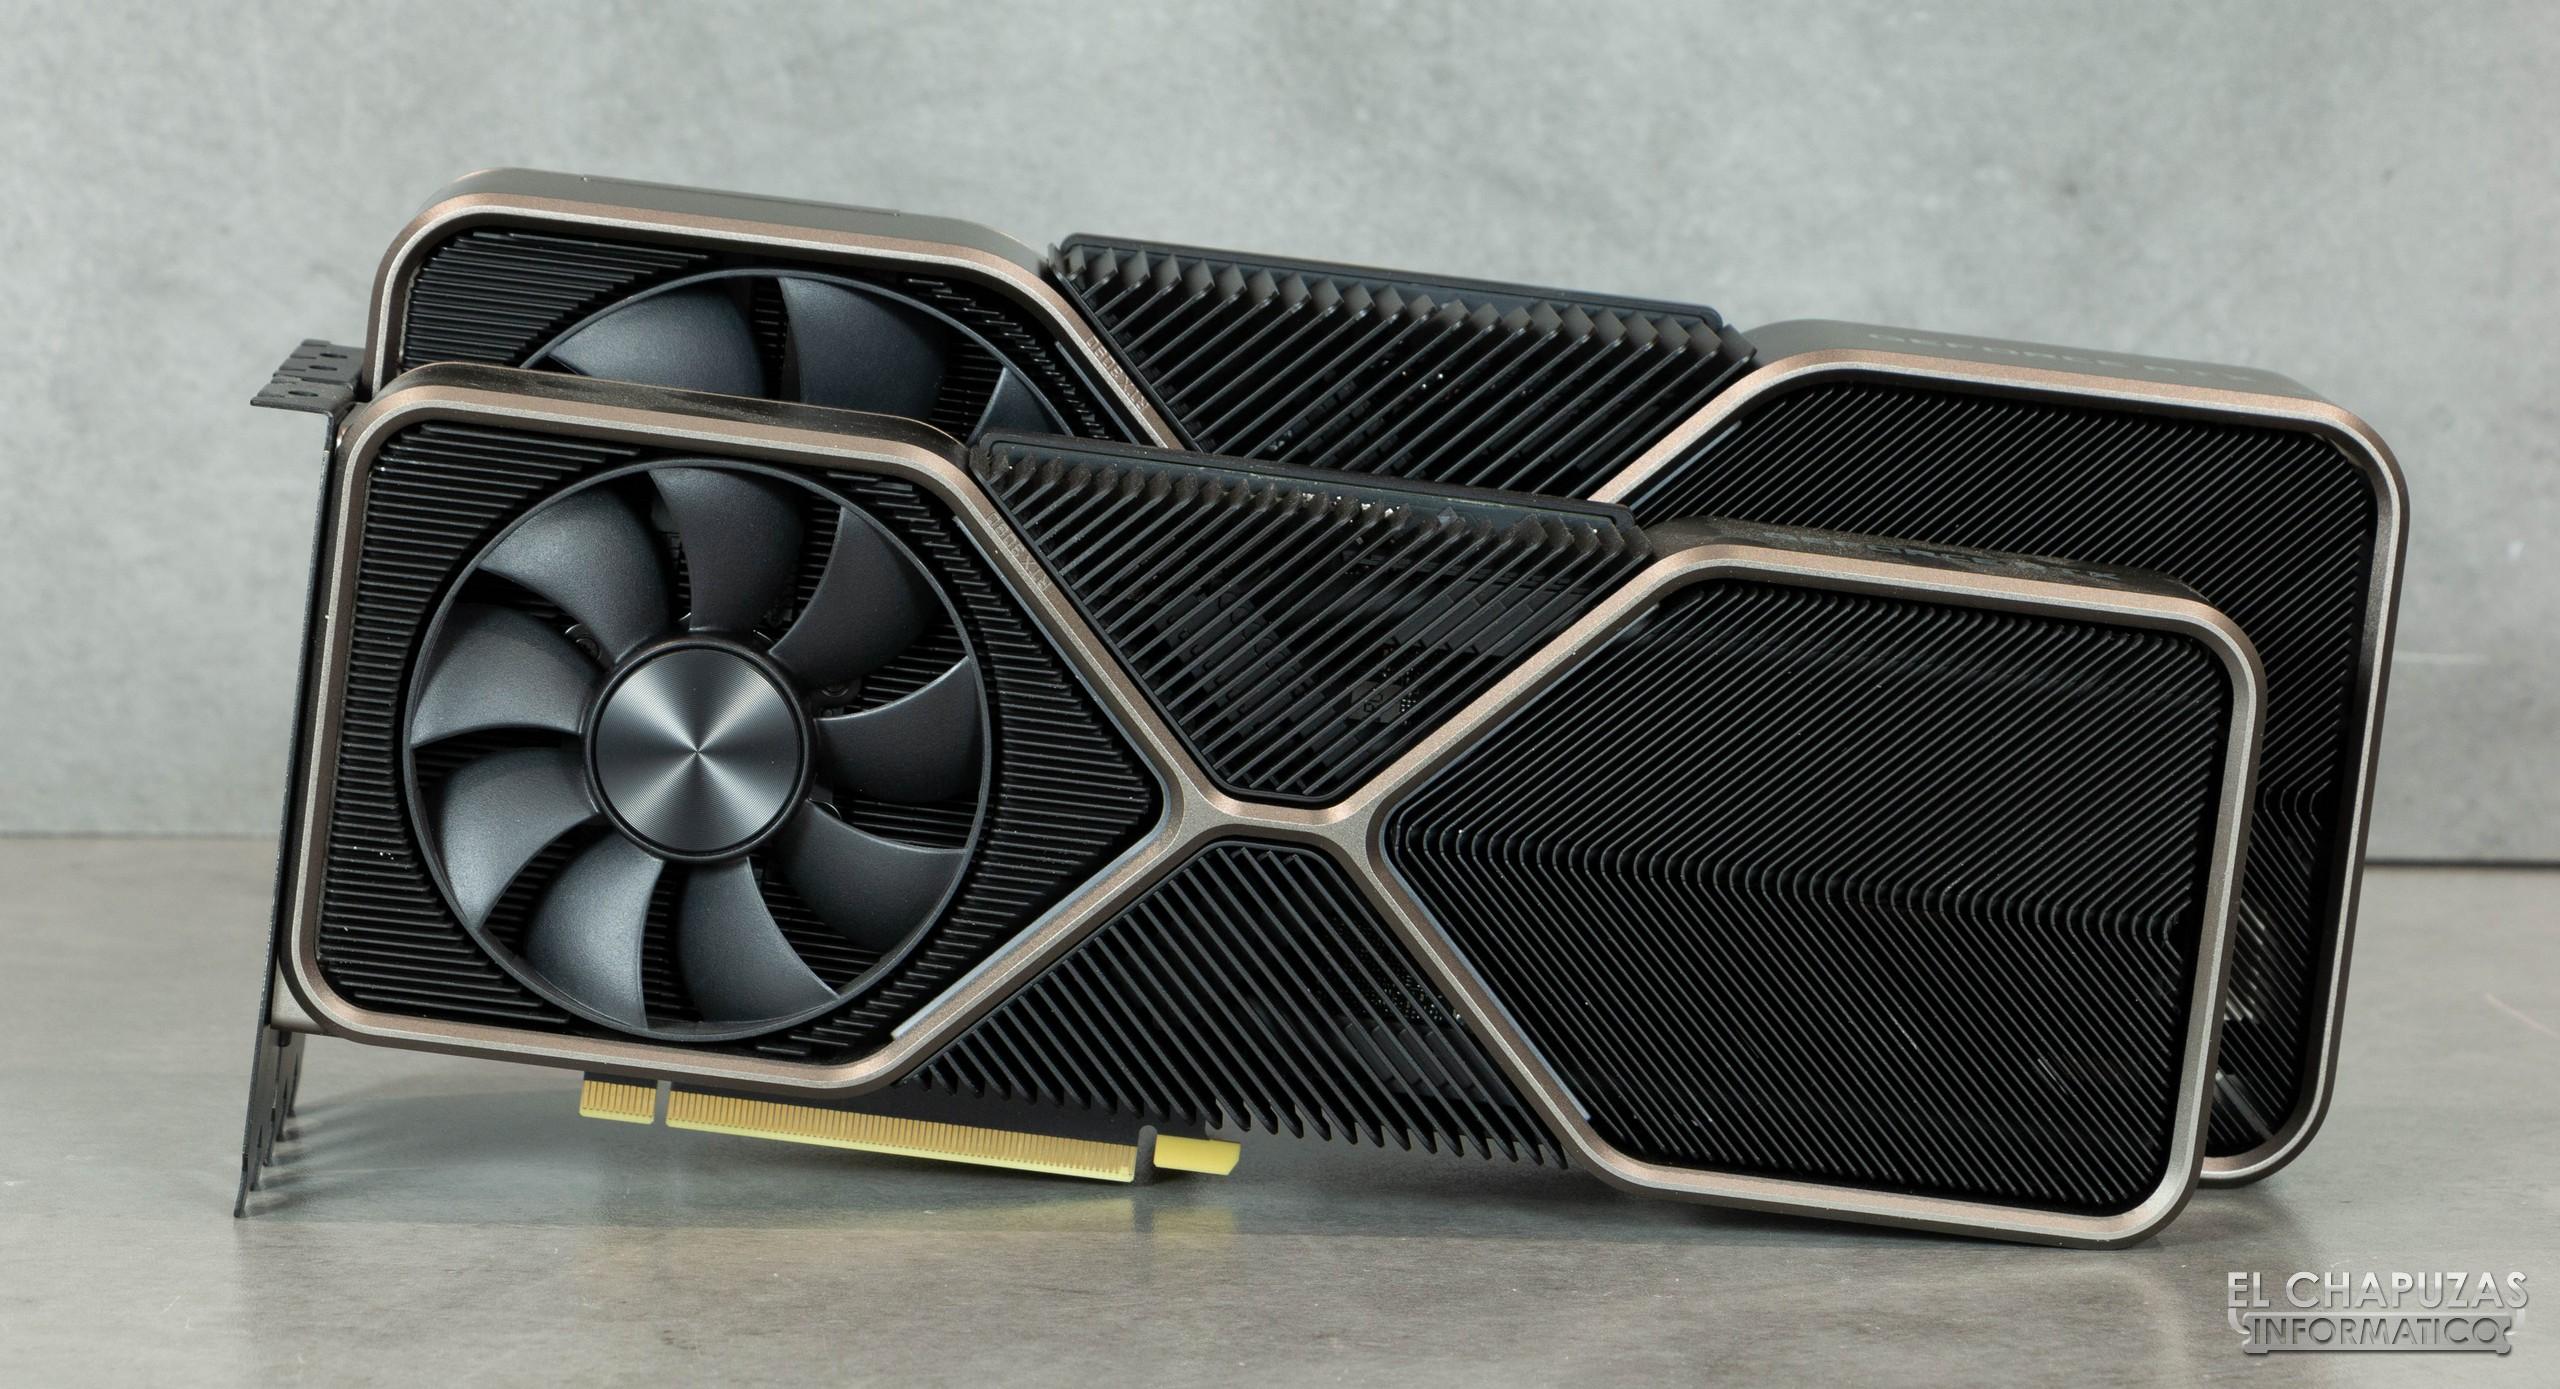 Nvidia habría vendido 175 millones de dólares en GPUs GeForce RTX 30 Series a mineros de criptomonedas